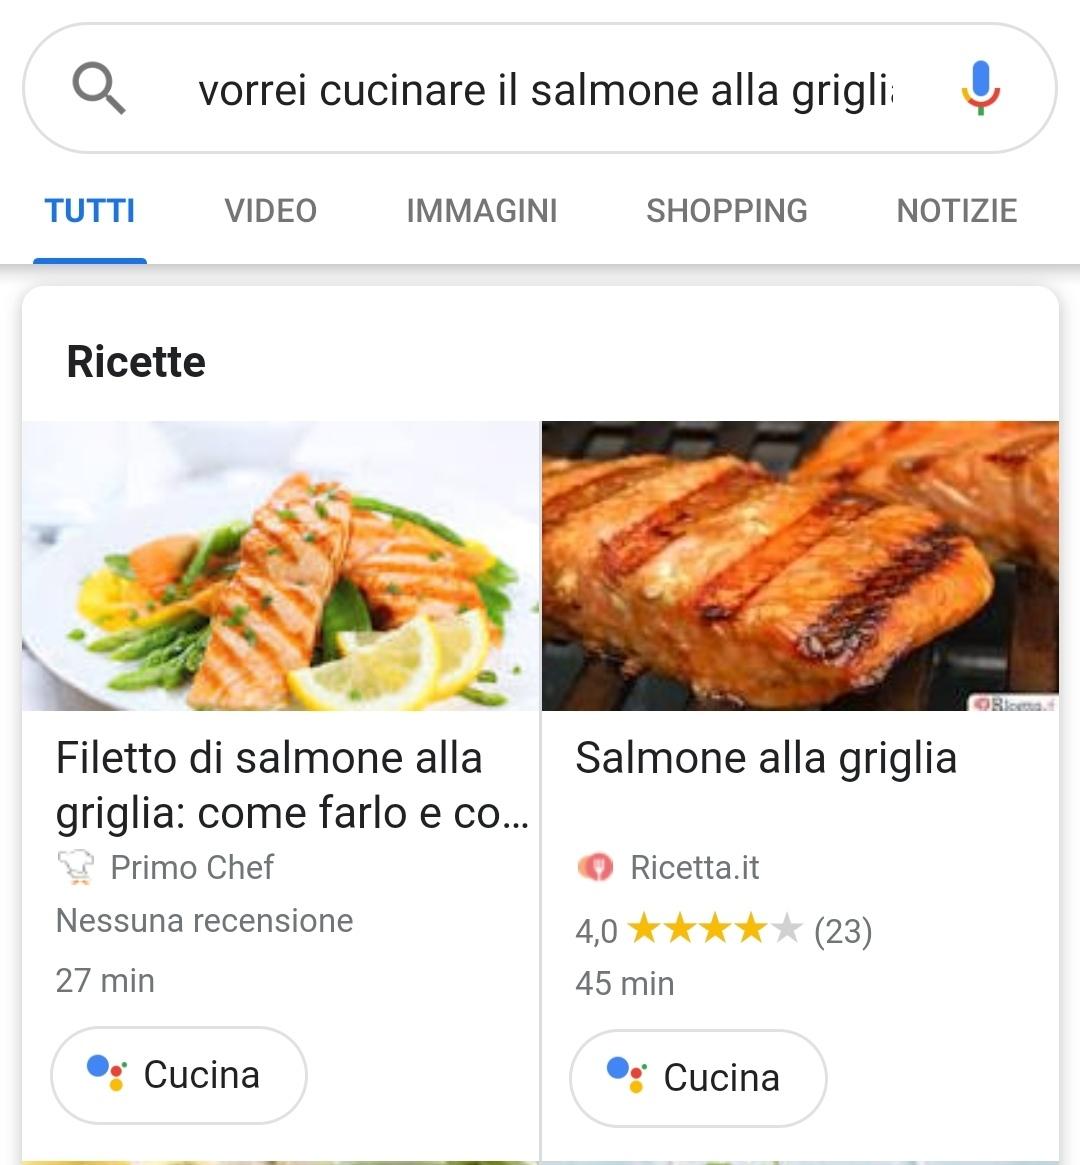 """Il bottone """"Cucina"""" in serp permette di inviare la ricetta allo Smart Display"""